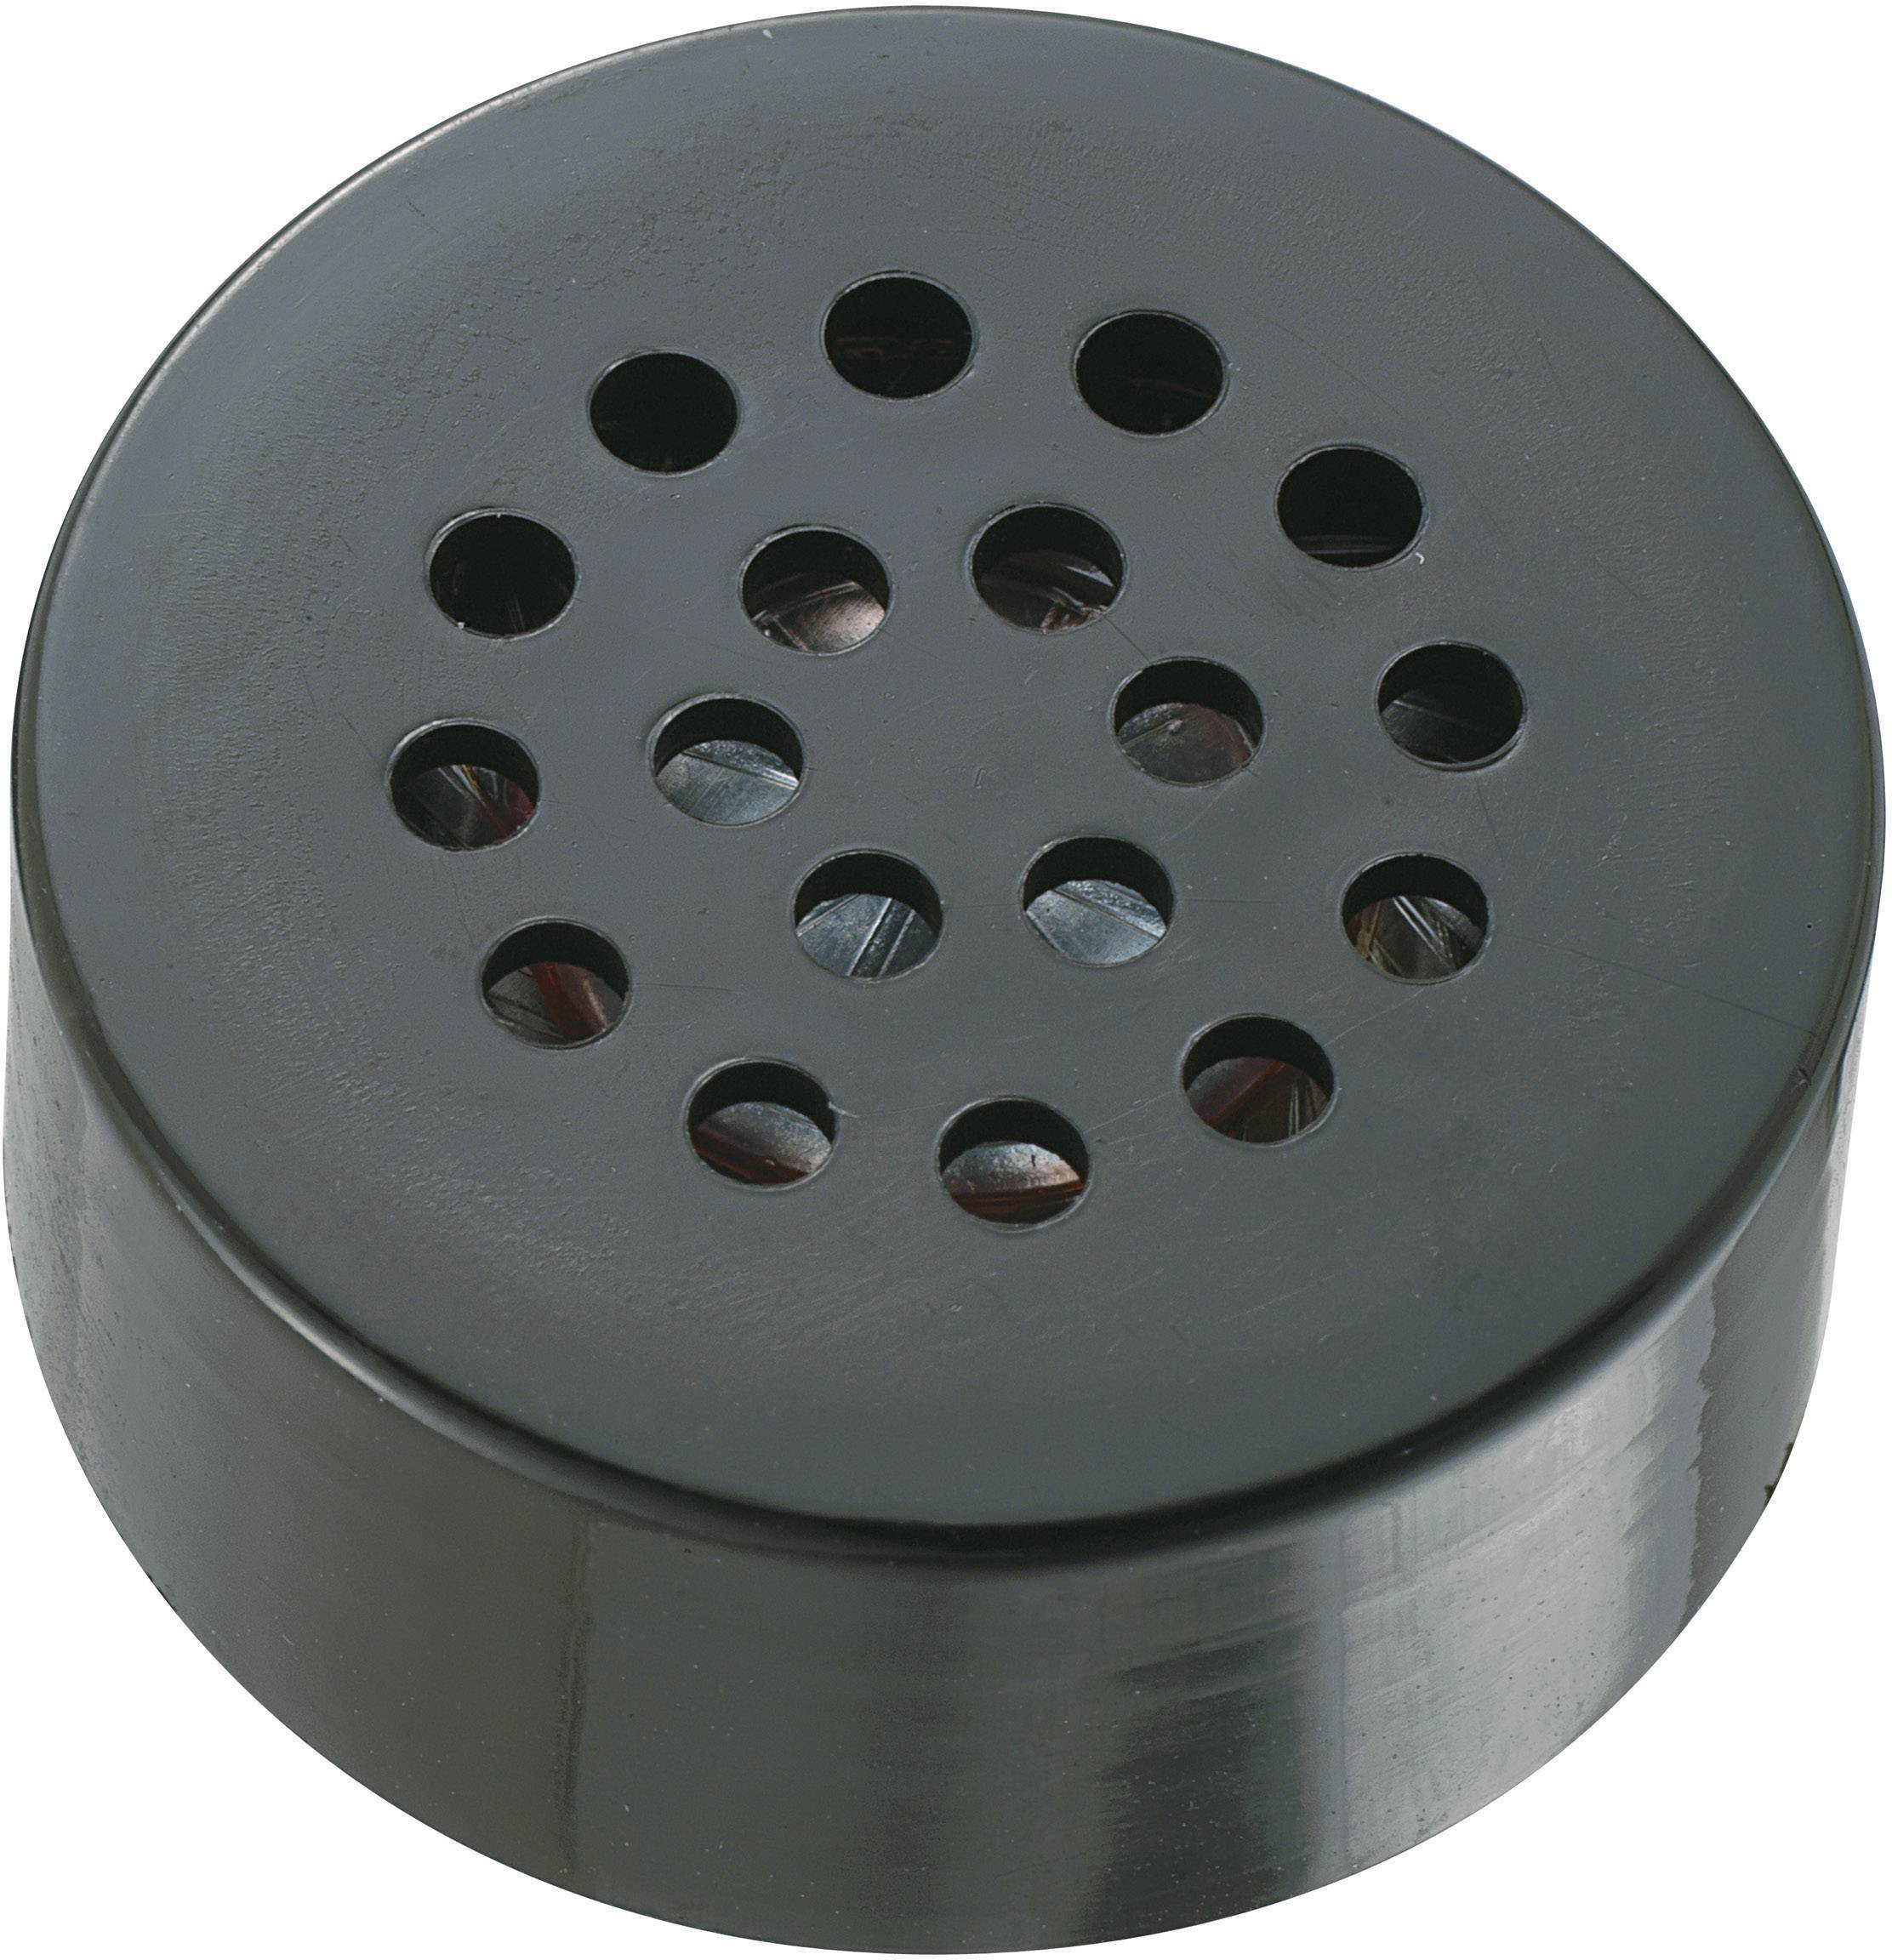 Mini reproduktor, KPMB-G3008E-6357